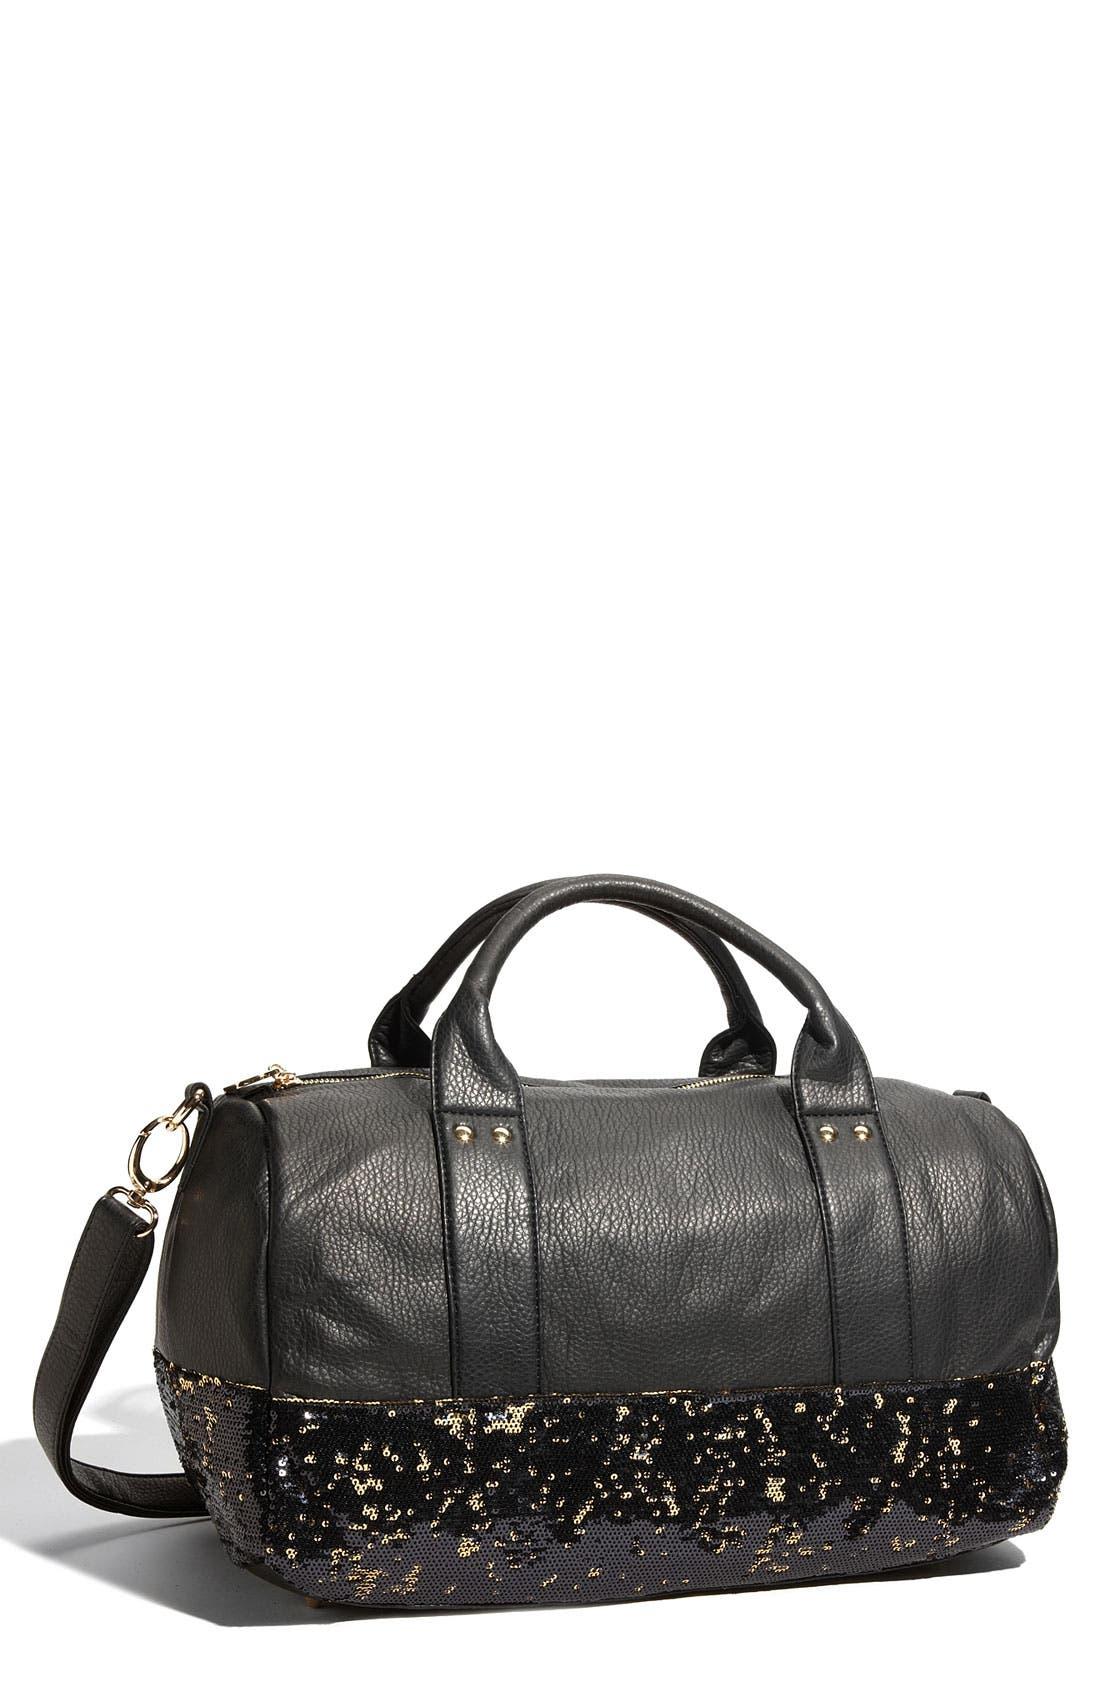 'Felix - Medium' Duffel Bag,                             Main thumbnail 1, color,                             002